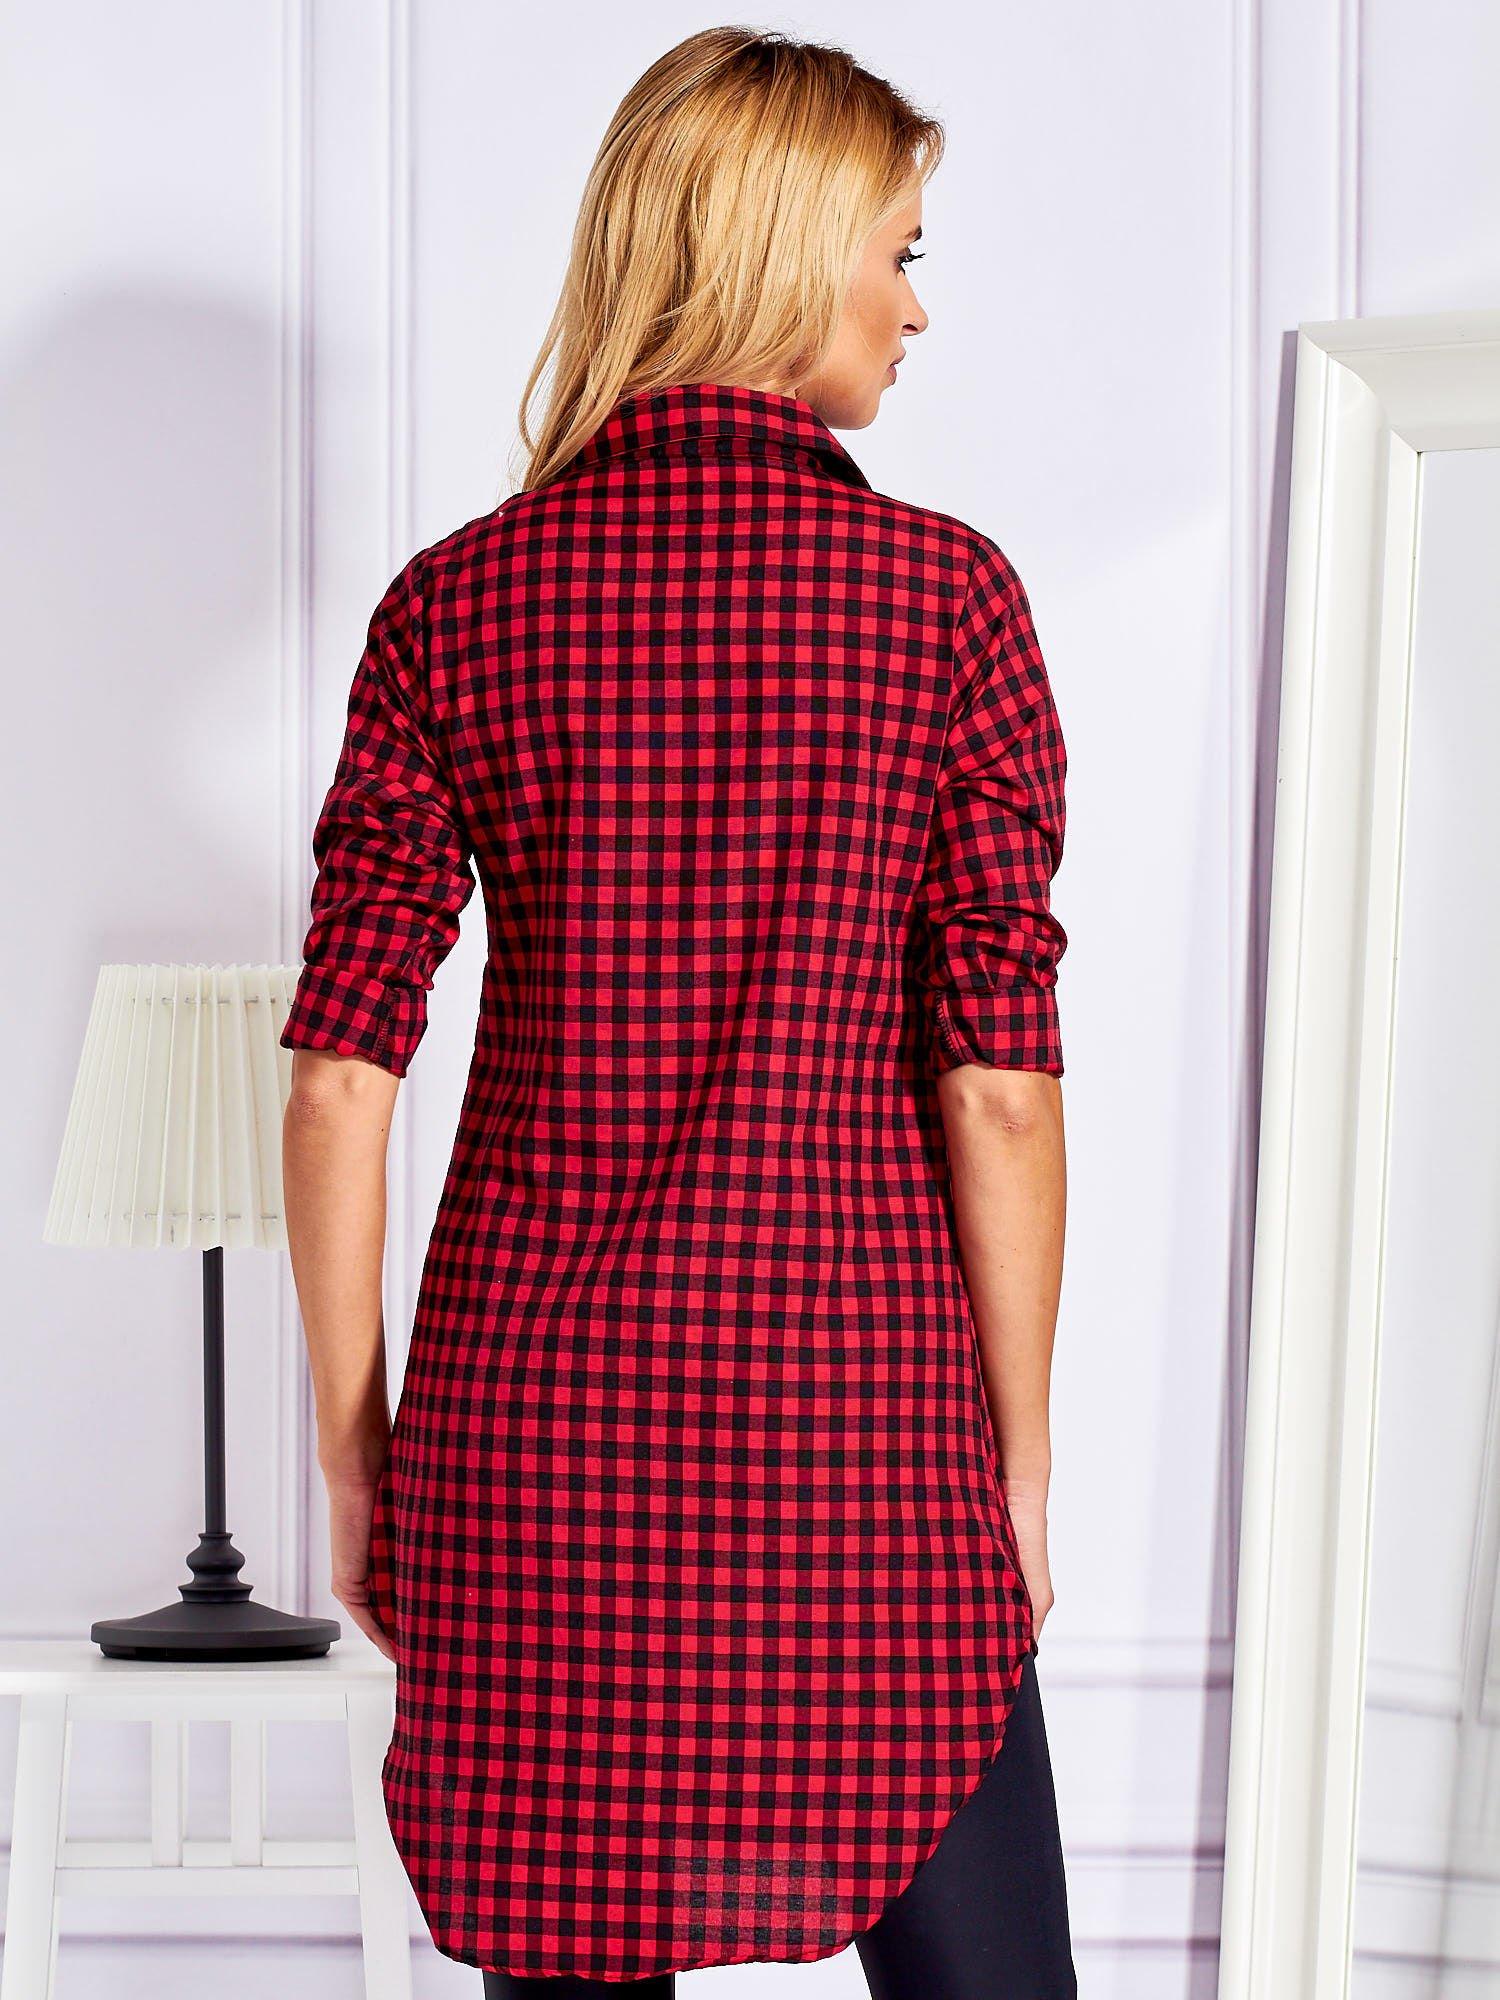 Bluzka Ebutik pl Kratkę Czerwona Sklep Koszula Tunika Długa W 4jL3AR5q